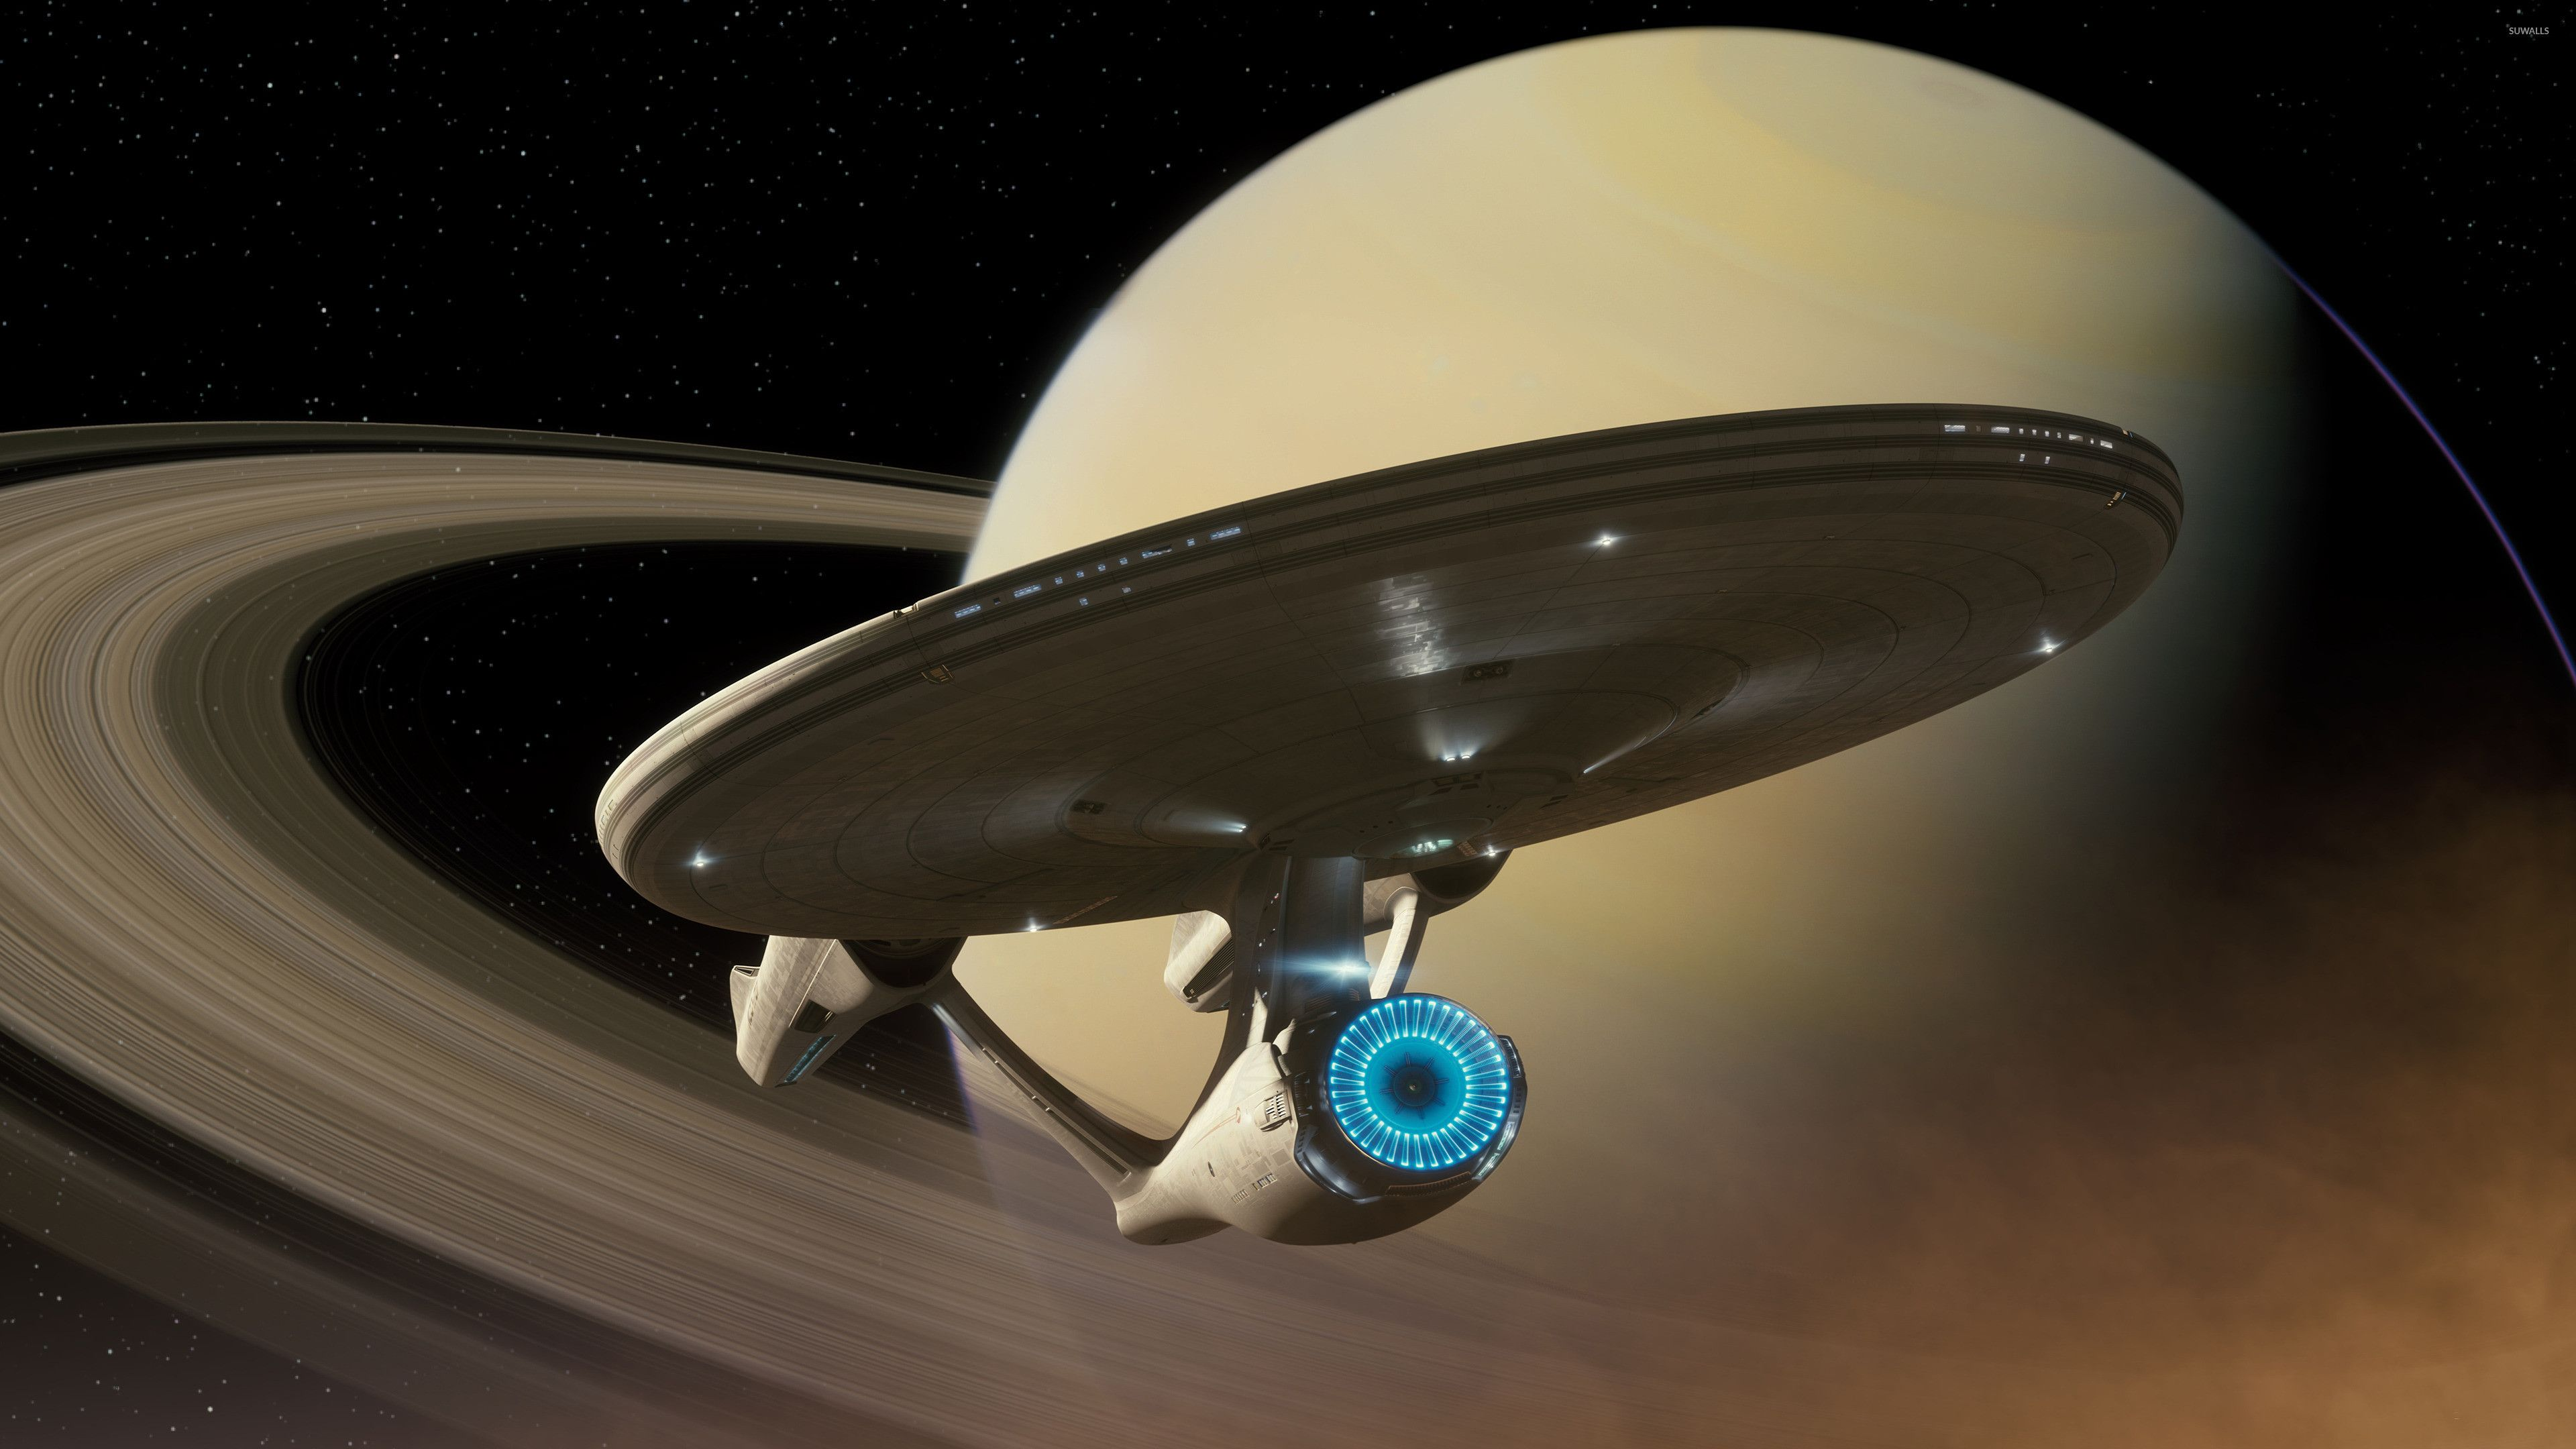 60 Starship Enterprise Wallpapers On Wallpaperplay Star Trek